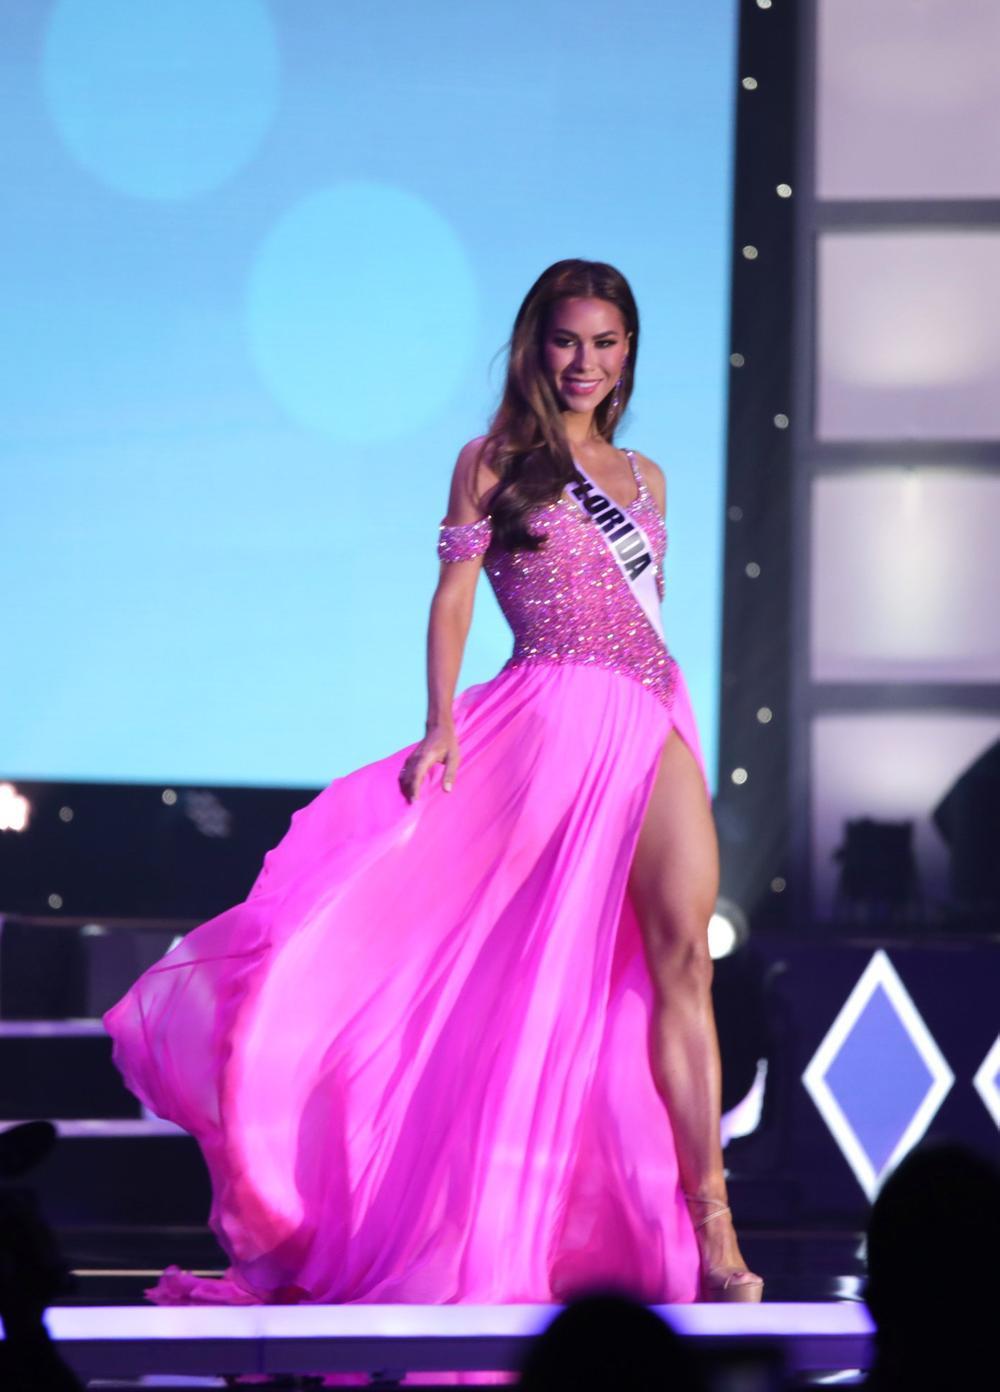 Thí sinh Miss USA mặc lạc quẻ giống Kiều Loan, đạo nhái váy Hoàng Thùy trong phần thi dạ hội Ảnh 9